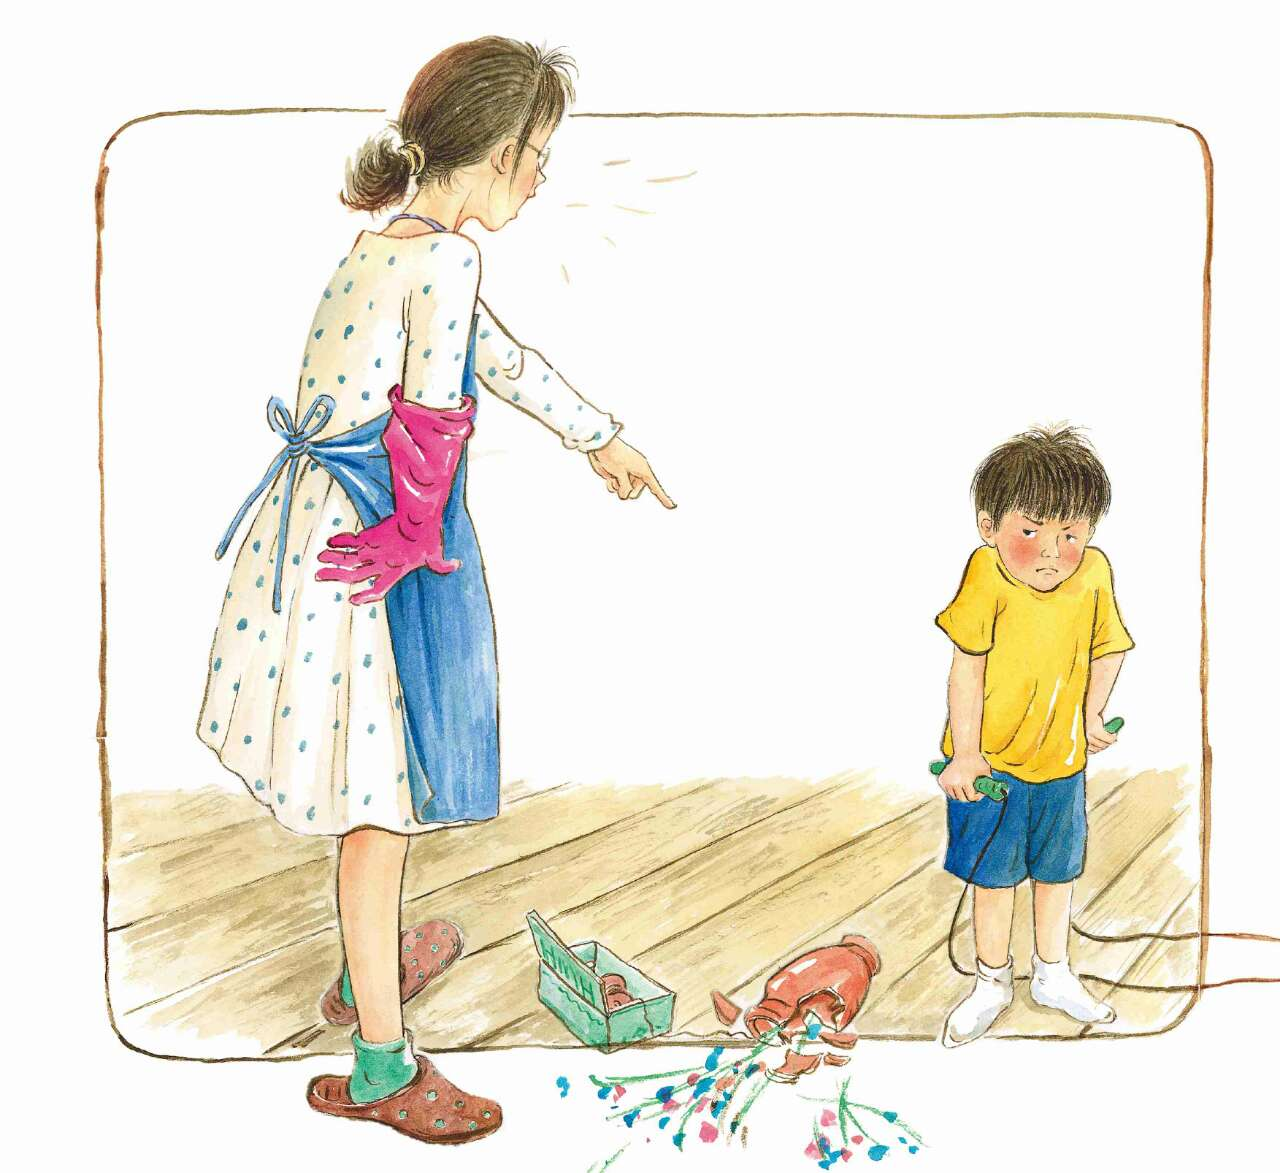 """8月10日,儿童文学作家彭懿和画家九儿的原创绘本《不要和青蛙跳绳》将与广大读者见面。   这本书是彭懿和九儿合作完成的又一本""""治愈系""""原创图画书。书中讲述了小男孩壳壳在自己心爱的跳棋被妈妈扔掉后,通过天马行空的幻想来舒缓自己愤怒的负面情绪,并在一个人的幻想游戏中获得成长的力量,再一次发现自己对妈妈的爱。   妈妈无法理解一副缺了棋子的跳棋对孩子而言是多么特别,孩子也无法理解处理掉这样一副跳棋对妈妈来说是多么平常;妈妈无法理解孩子在客厅跳绳是为了表达委屈,孩子也无法理解妈妈说&"""